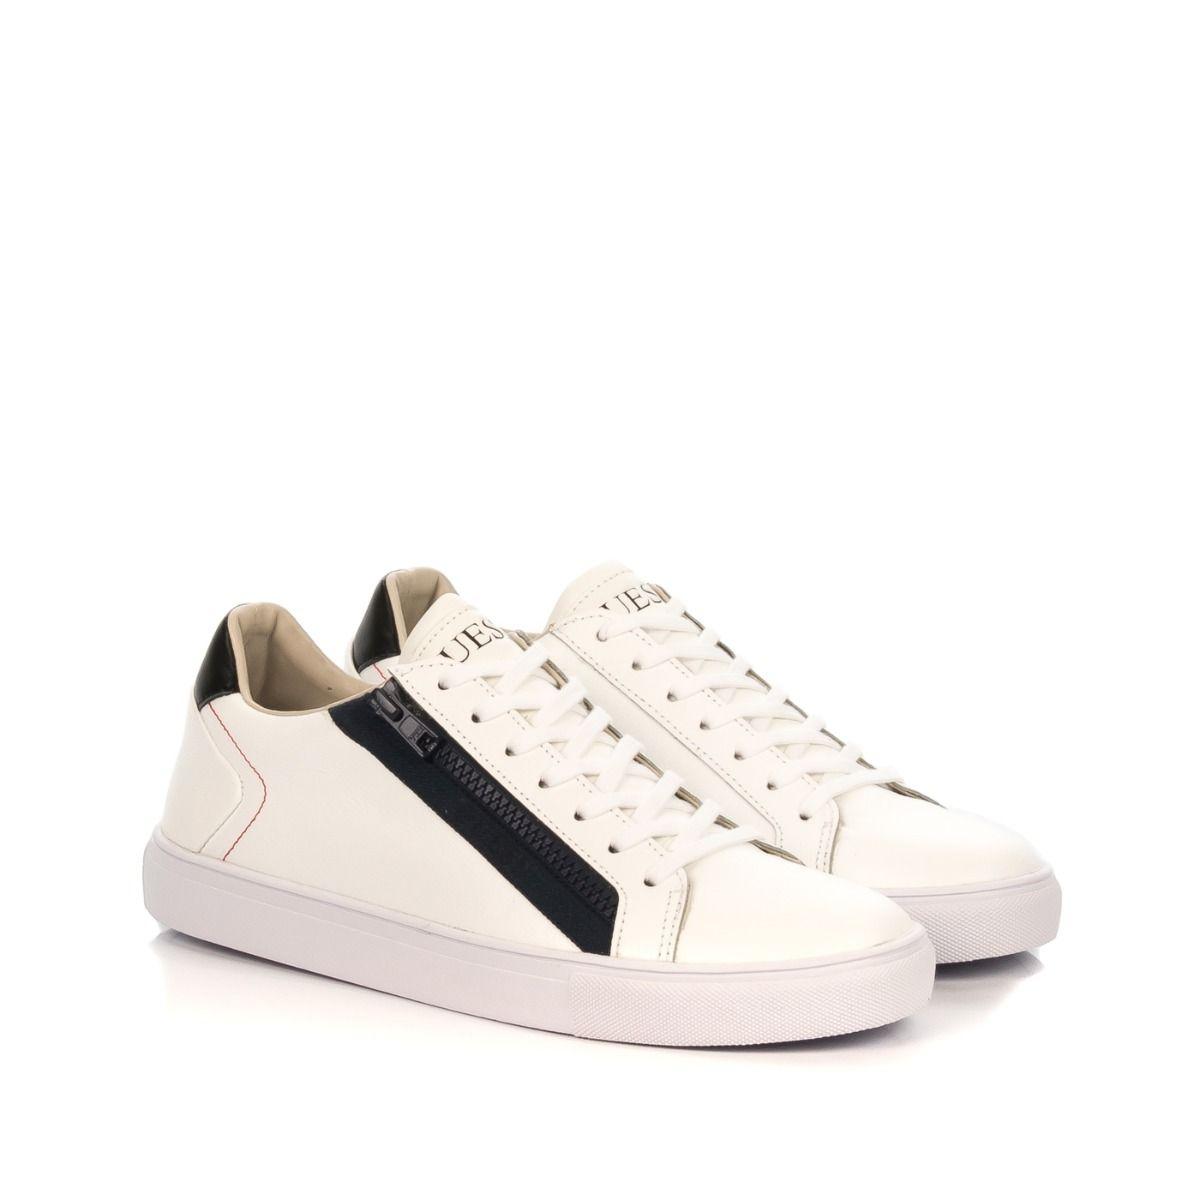 new york 129f0 082ce Sneakers uomo|GUESS FM5LLO-LEA12 similpelle bianco e blu con ...